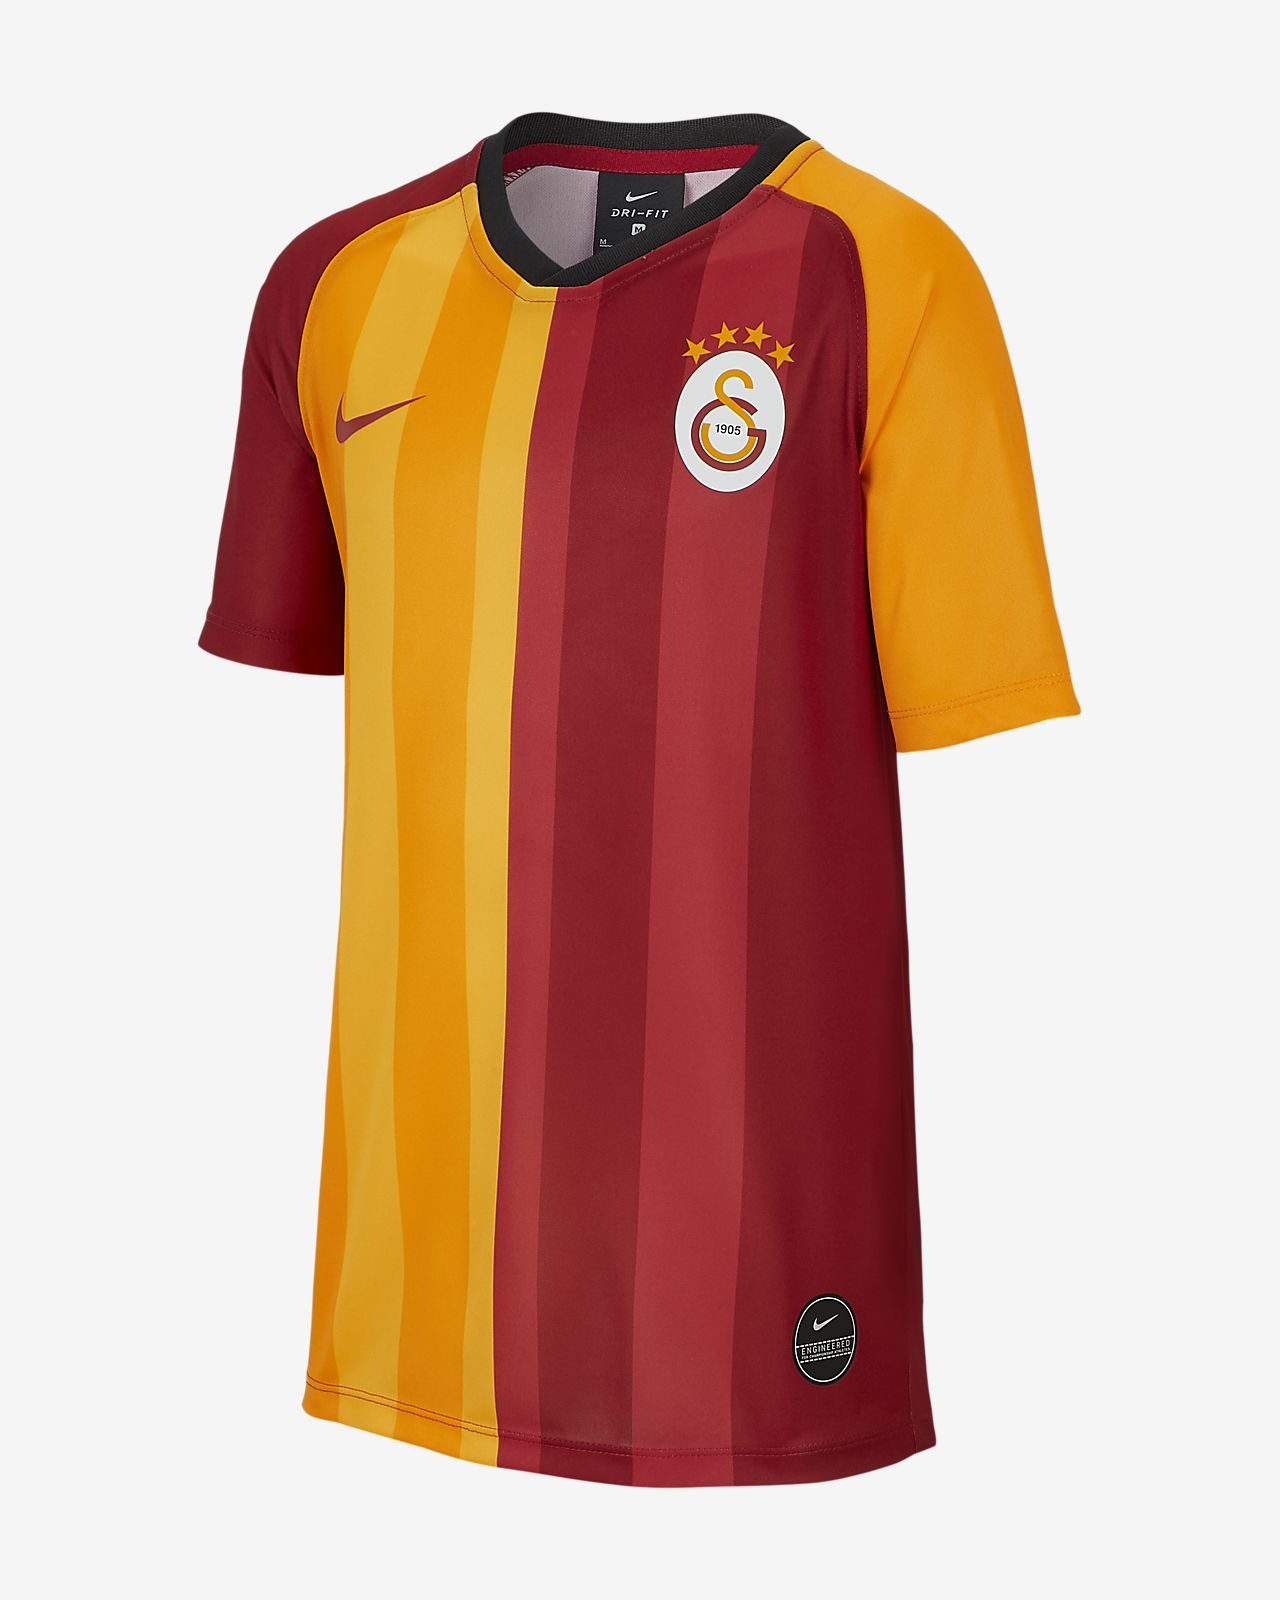 Maglia da calcio a manica corta Galatasaray 2019/20 Home - Ragazzi